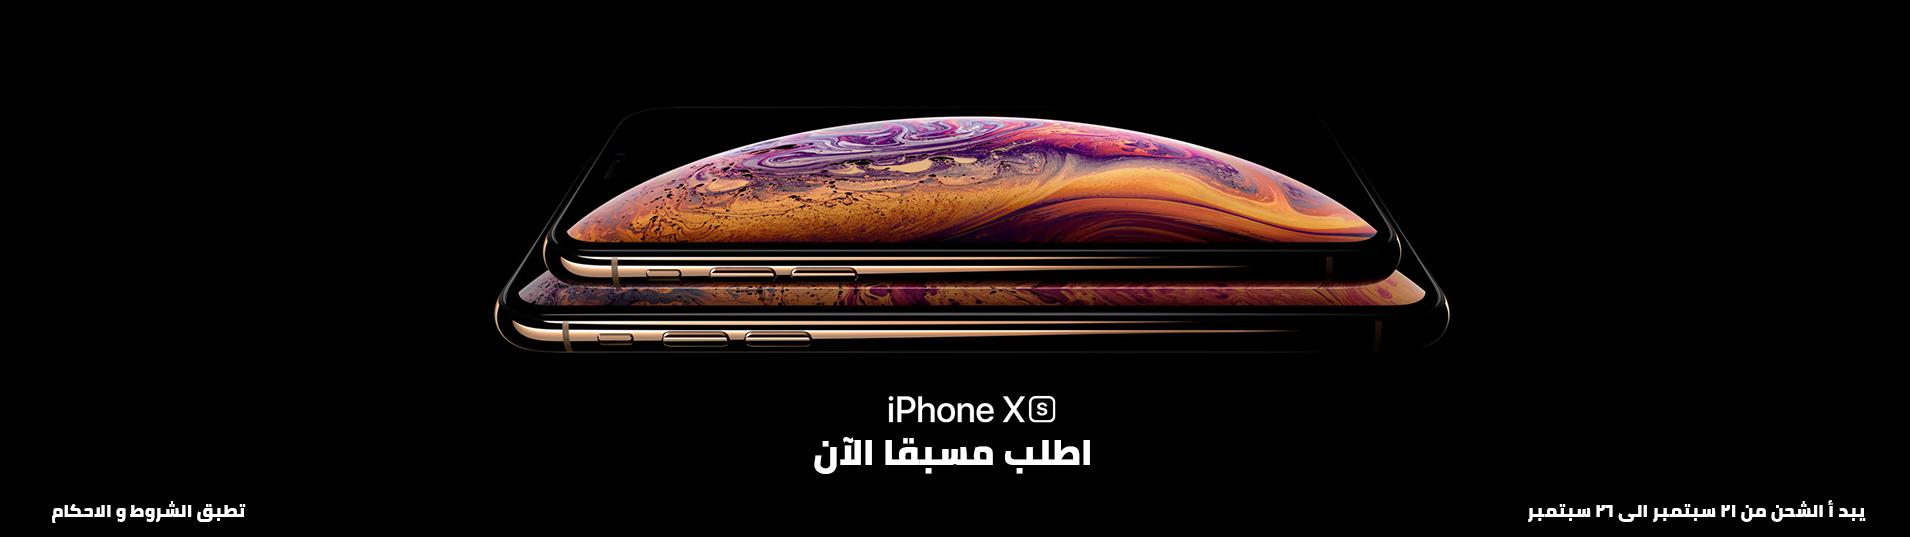 iphone_xs_max